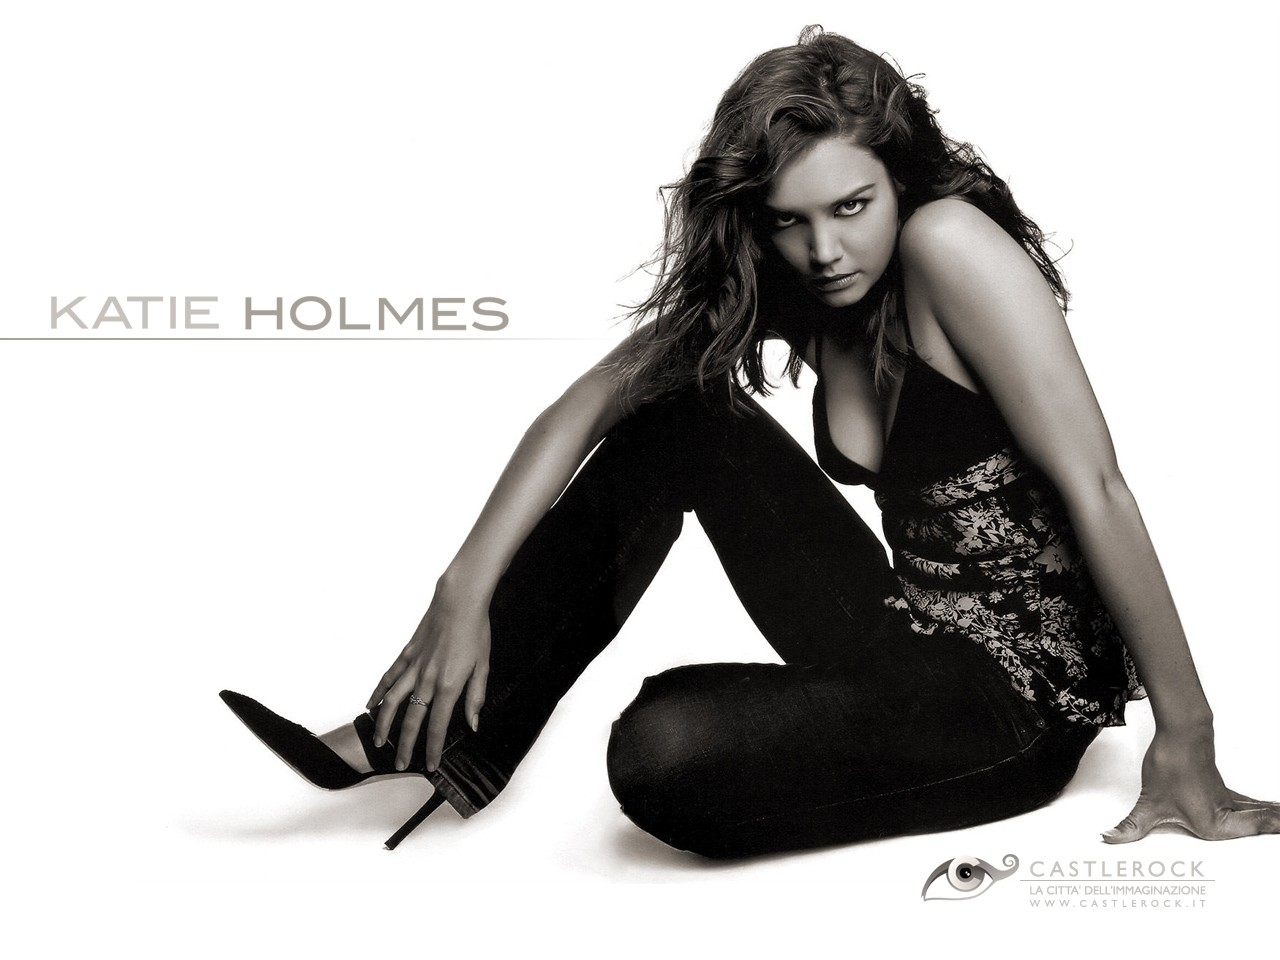 Wallpaper di Katie Holmes in tacchi vertiginosi e outfit nero